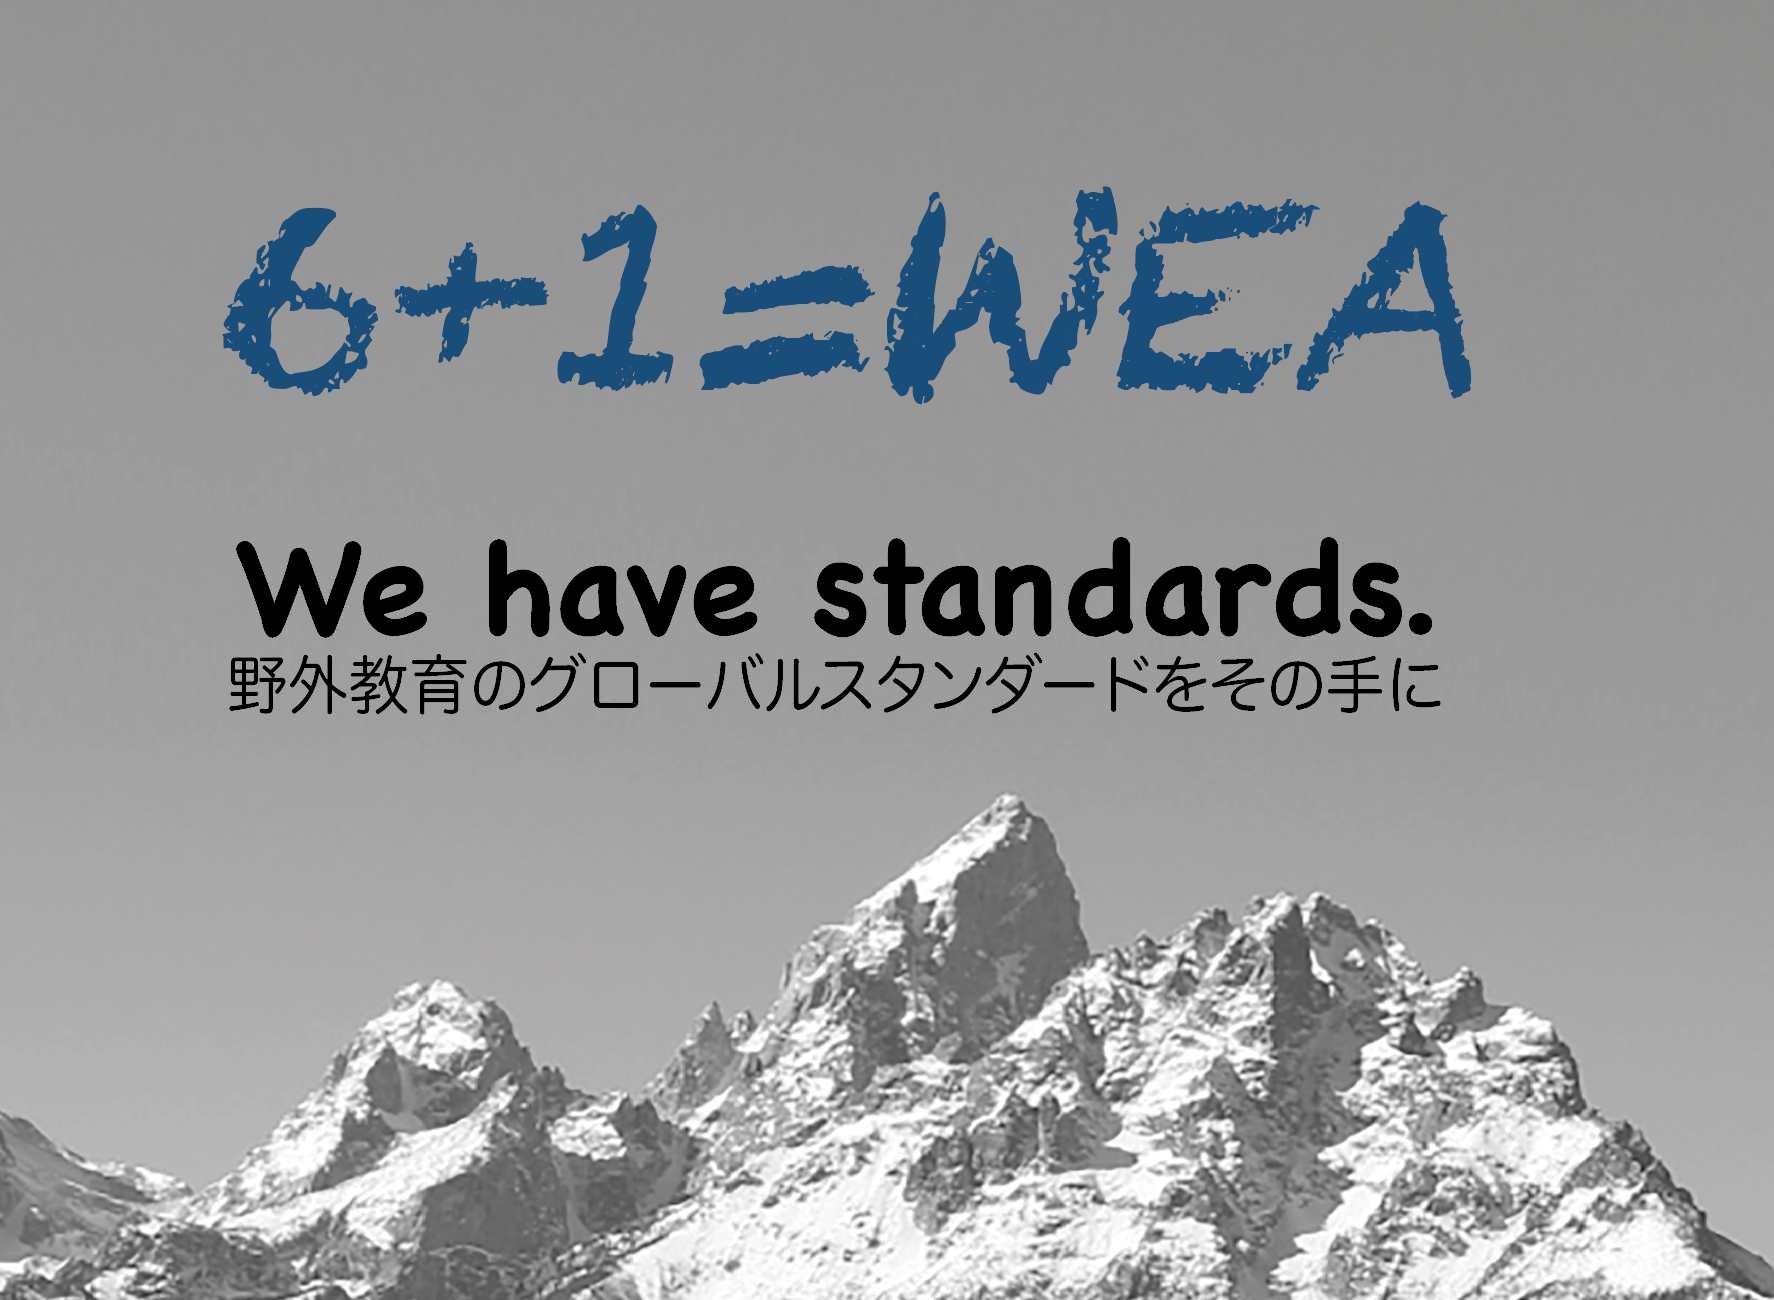 We have standards